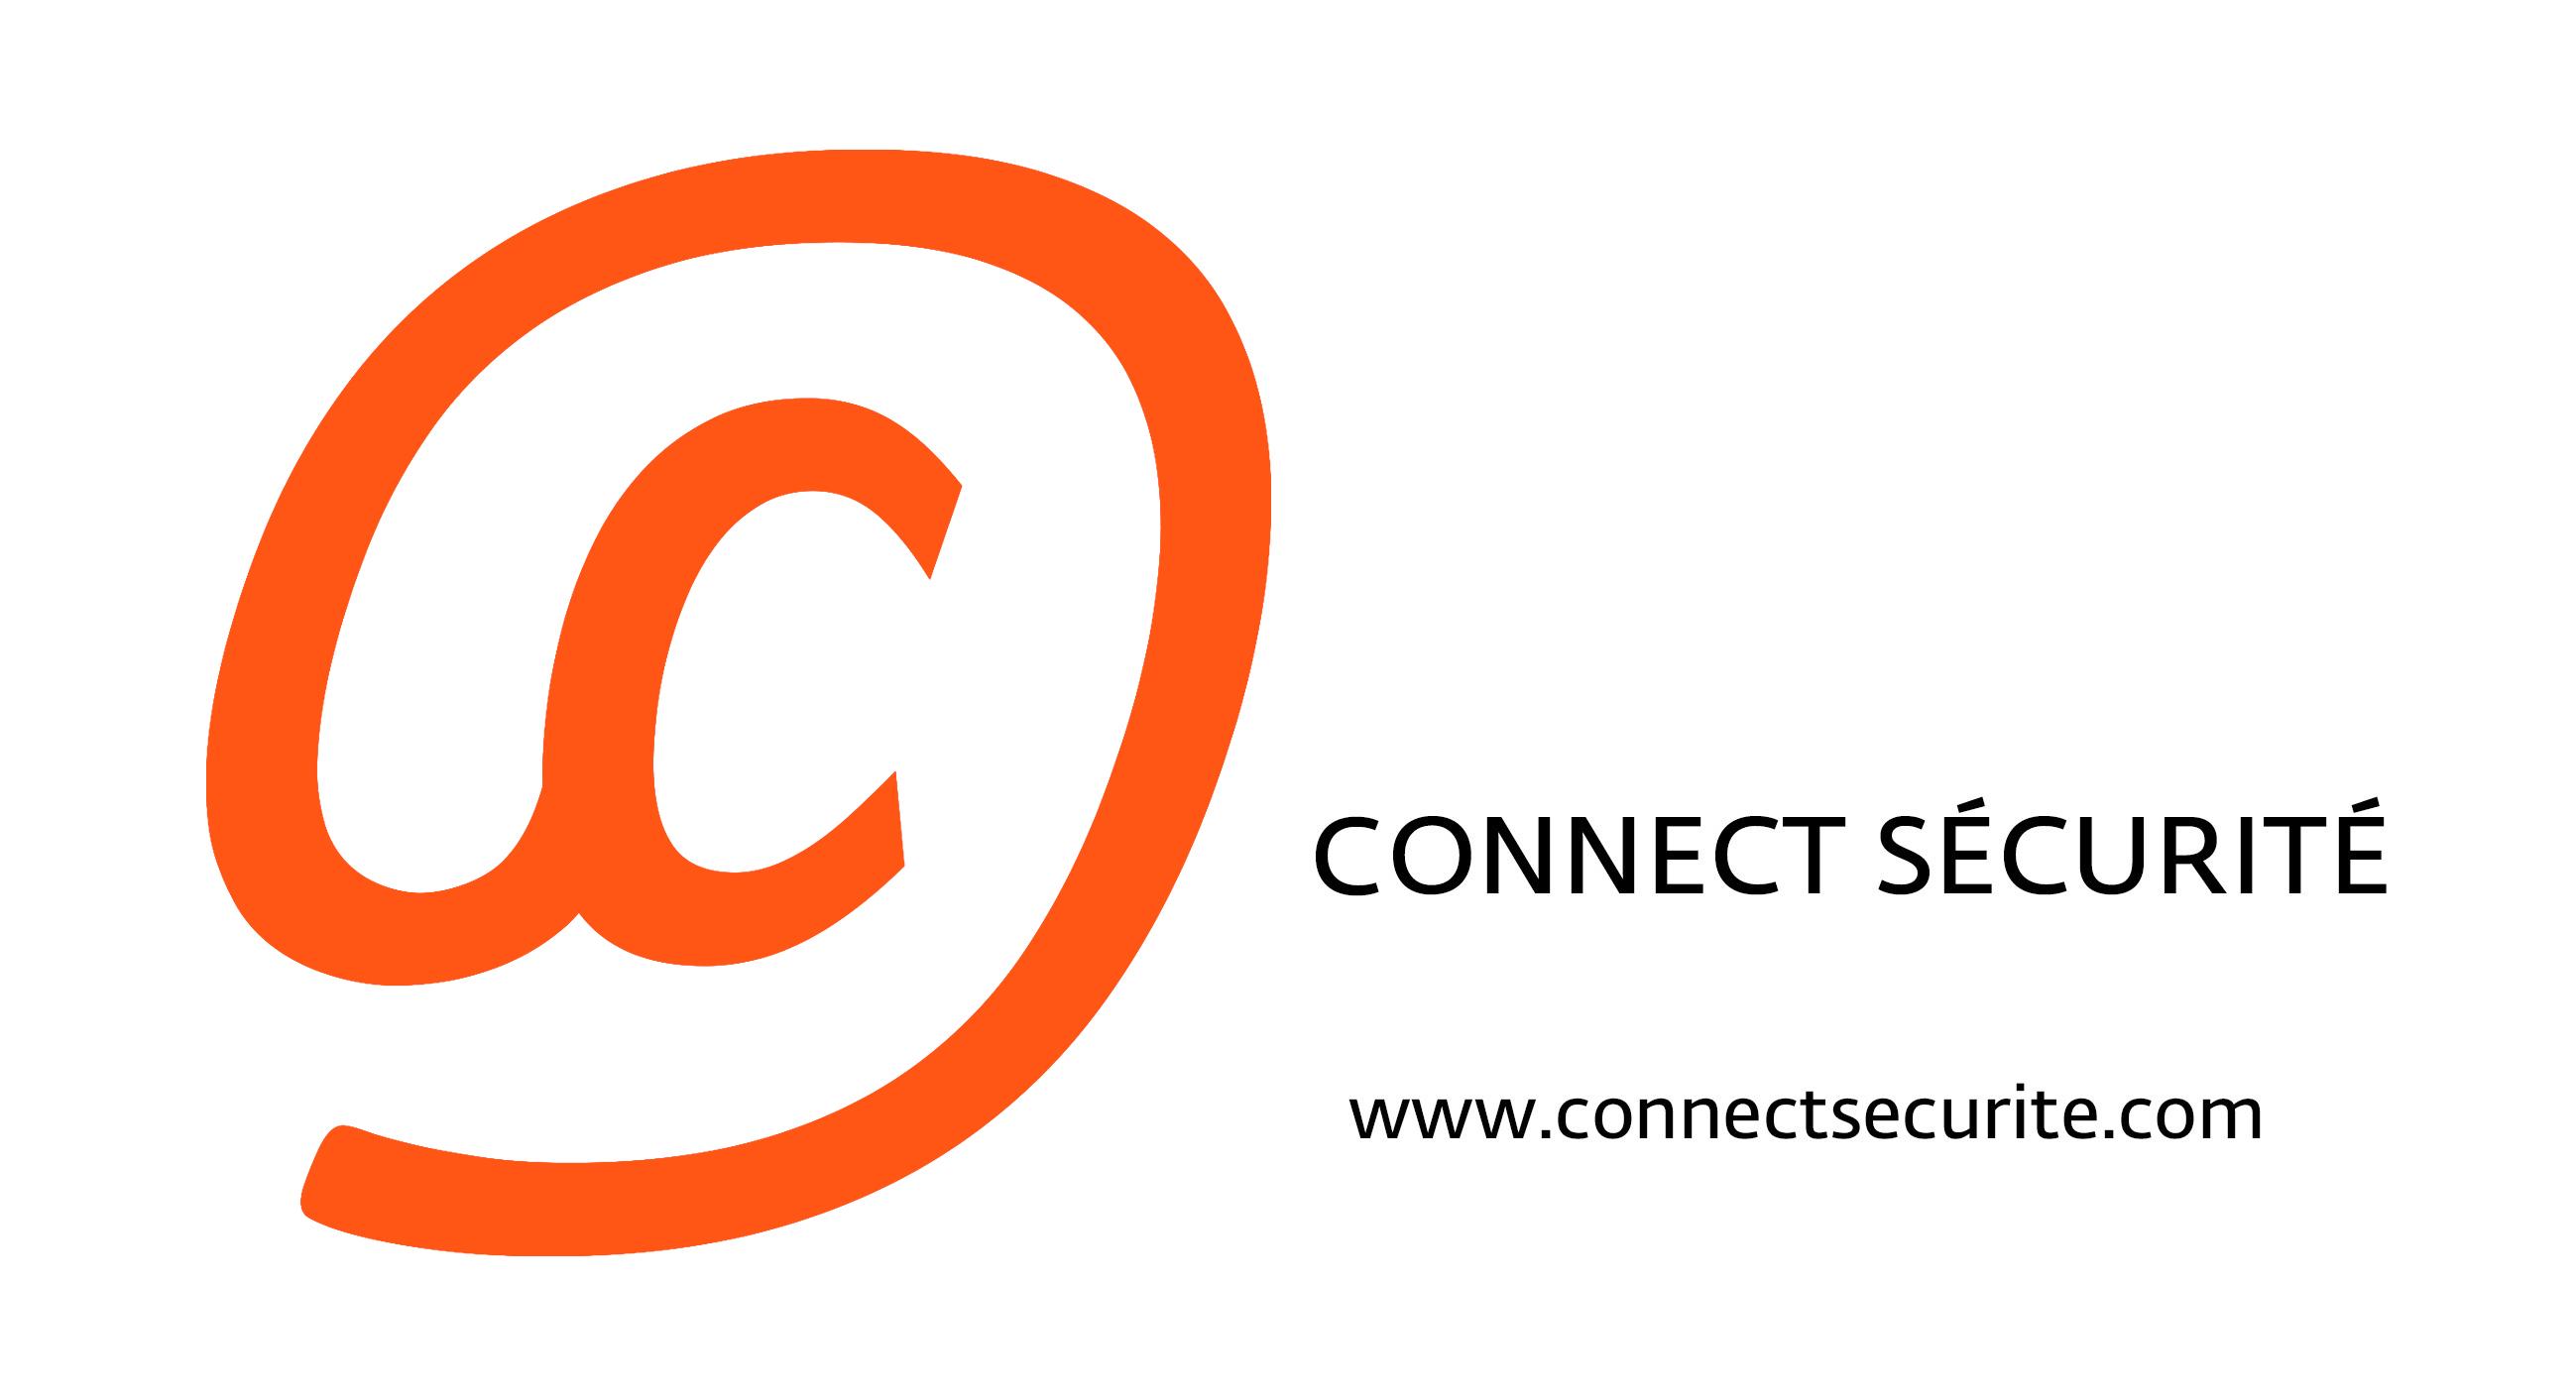 CONECTSECURITE--testfondblancbis-3-1476101342.jpg